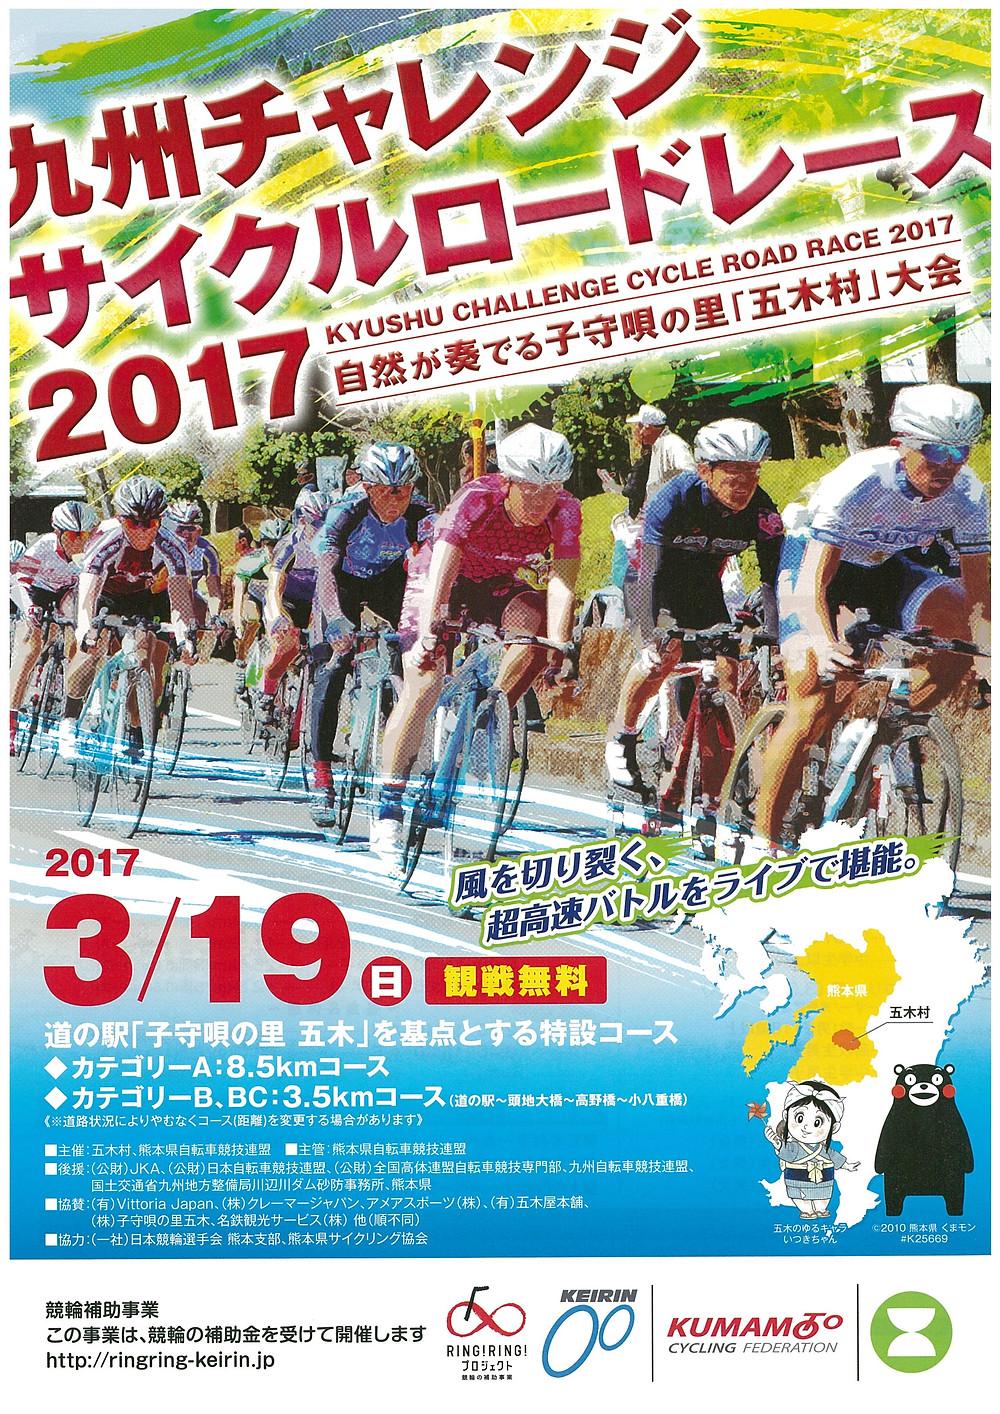 九州チャレンジサイクルロードレース